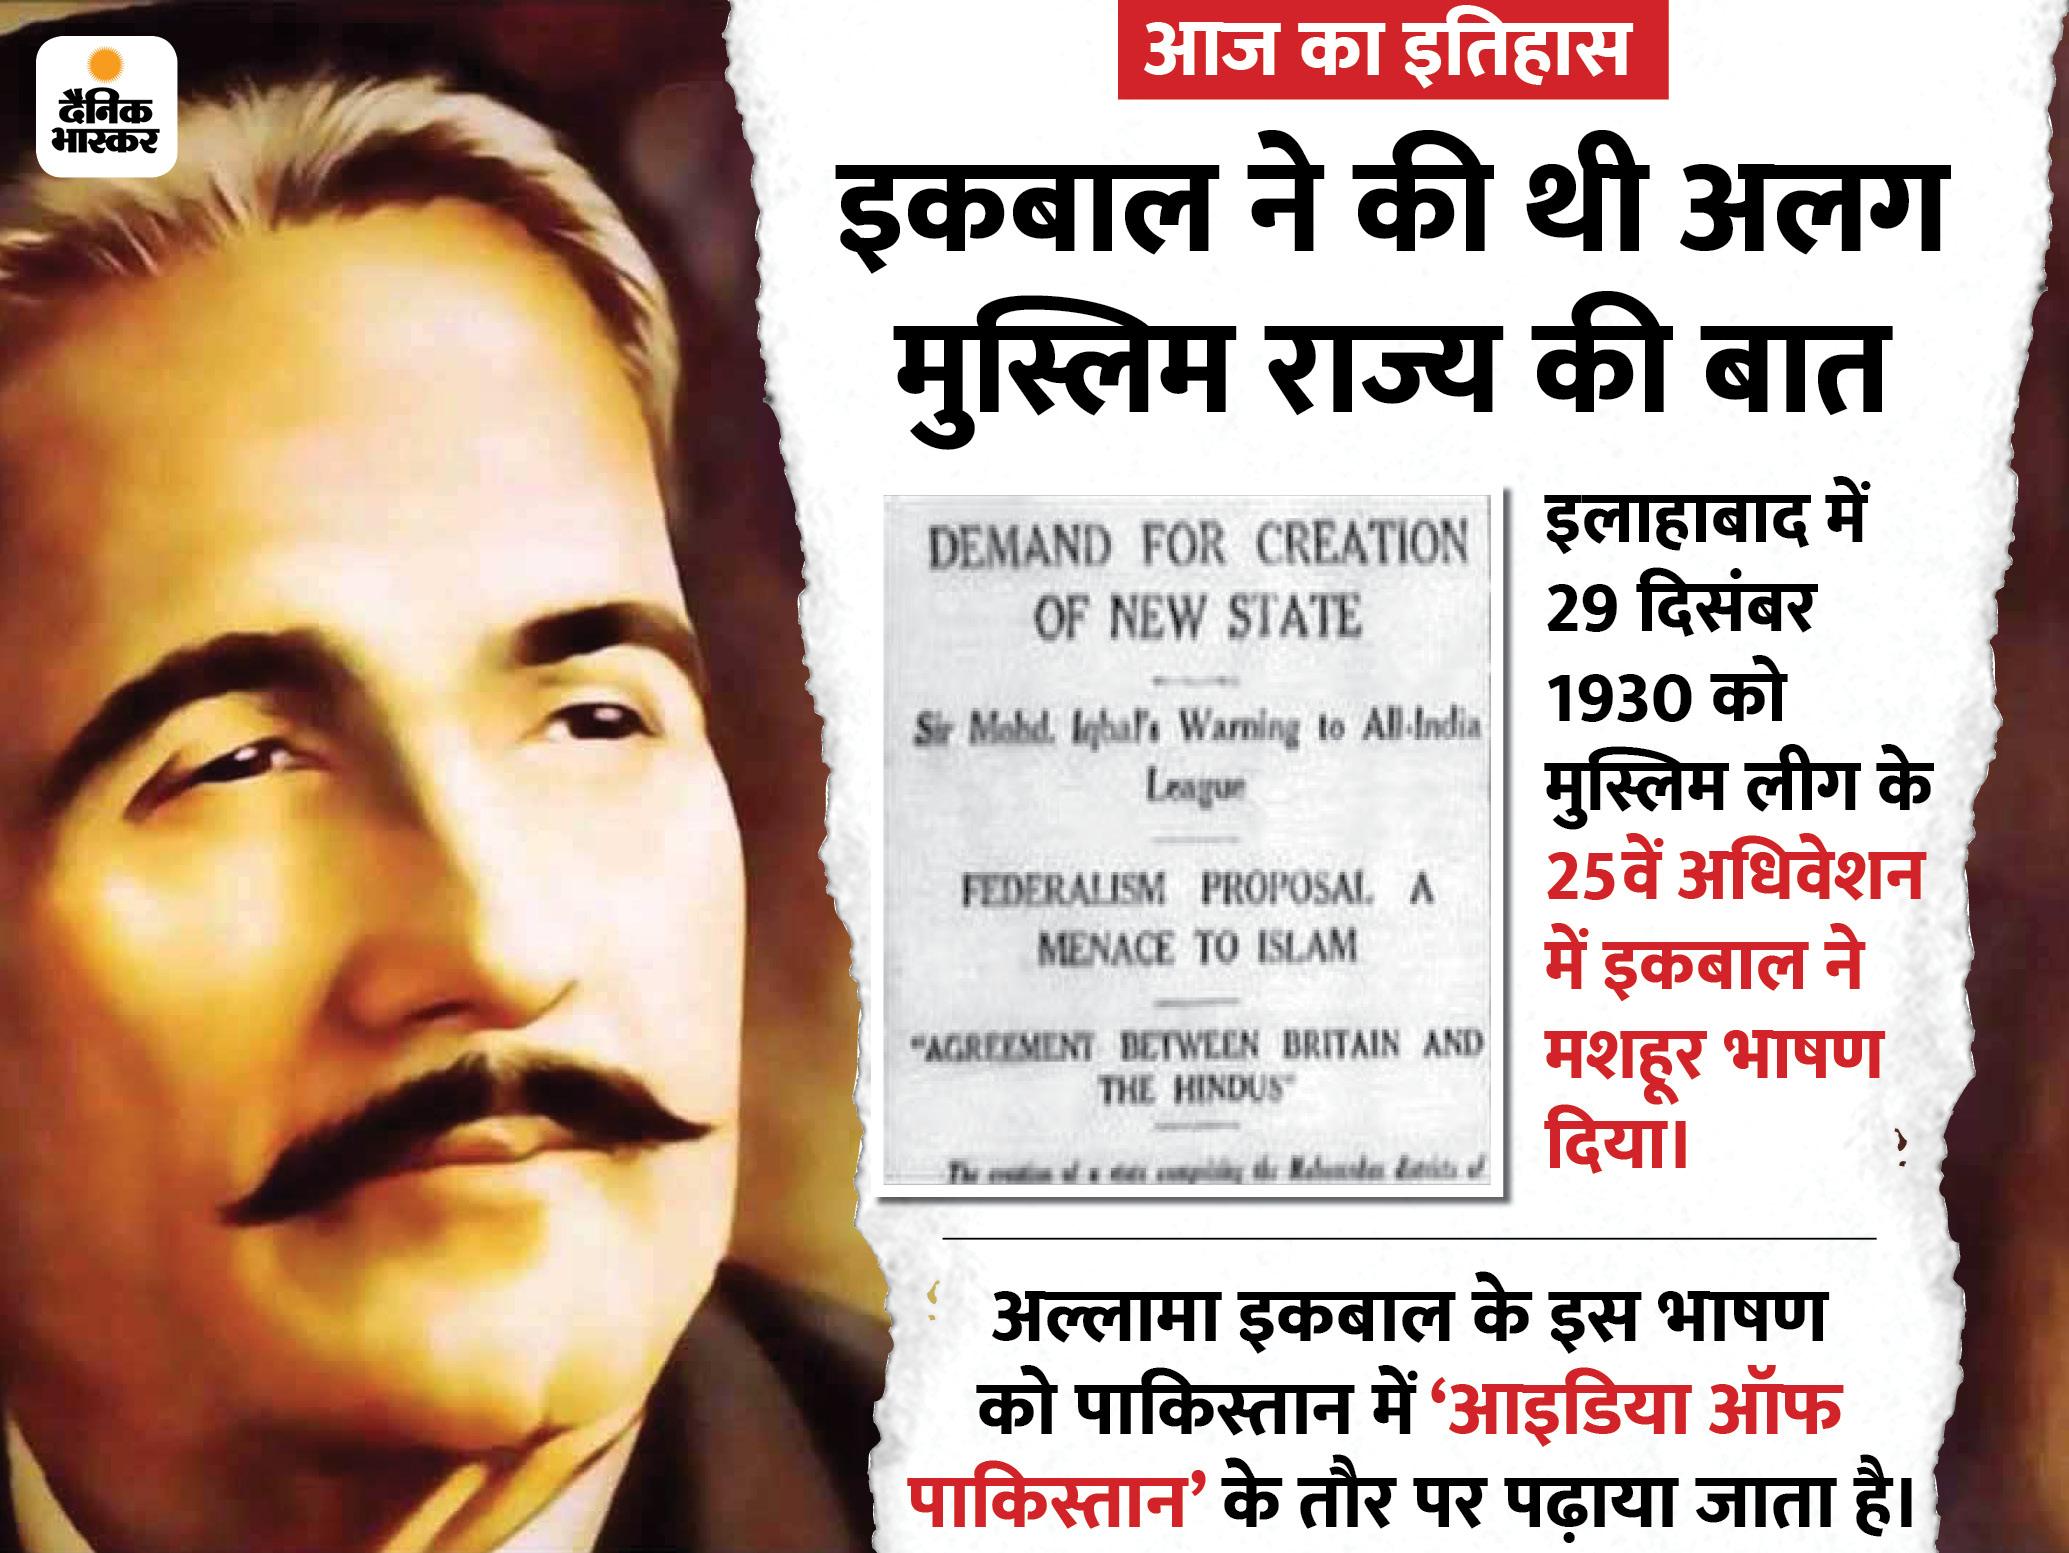 इतिहास में आज: वह भाषण, जिसे 'आइडिया ऑफ पाकिस्तान' कहते हैं, ये स्पीच 'सारे जहां से अच्छा हिंदोस्तां हमारा' लिखने वाले ने दी थी